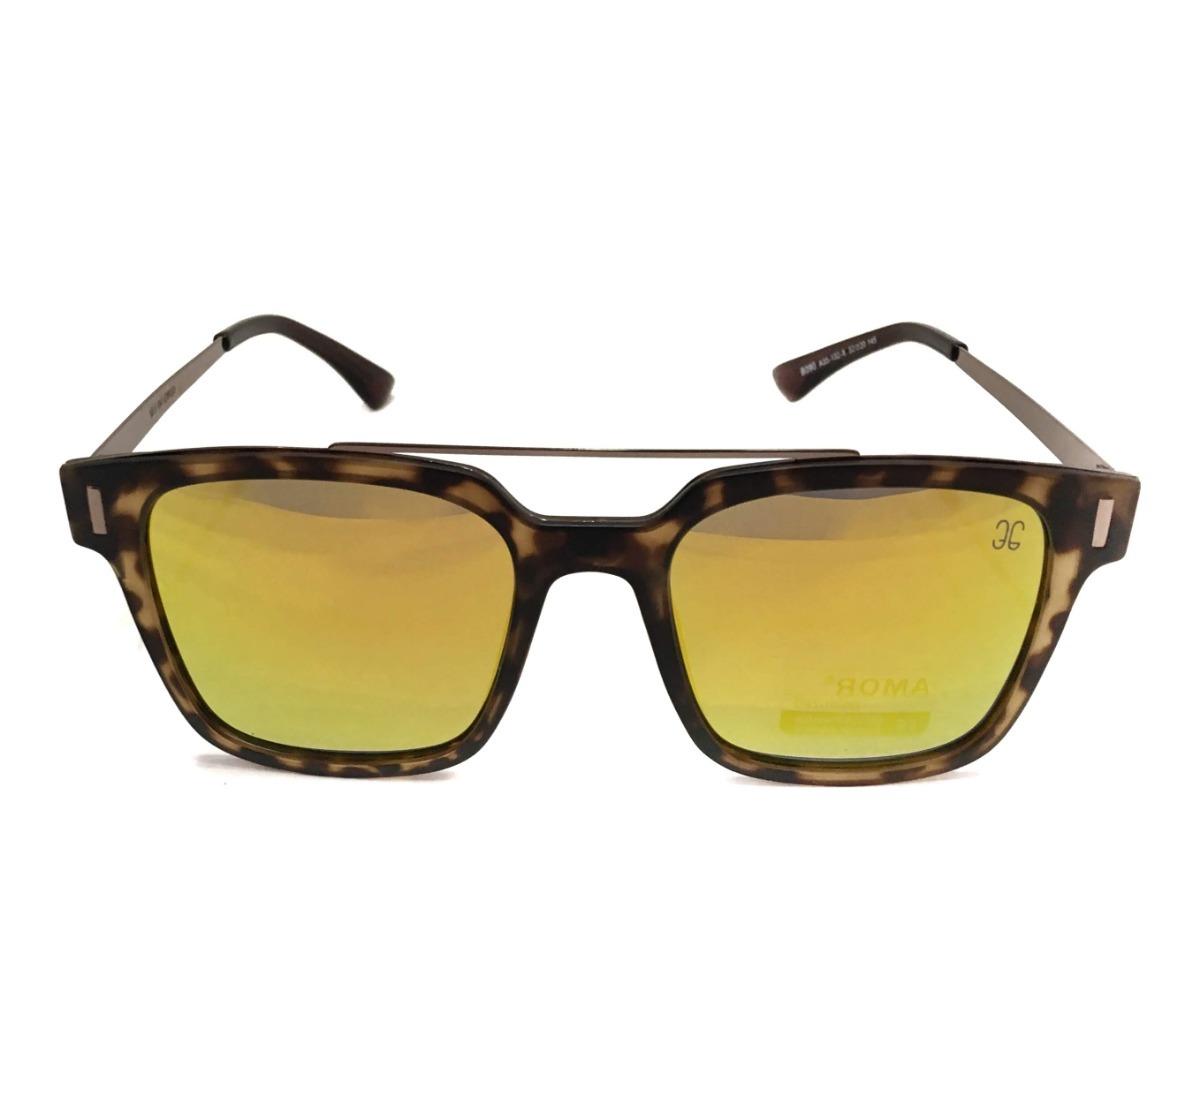 d05552db438b3 óculos 3s solar masculino espelhado m-01 uv400 polarizado. Carregando zoom.